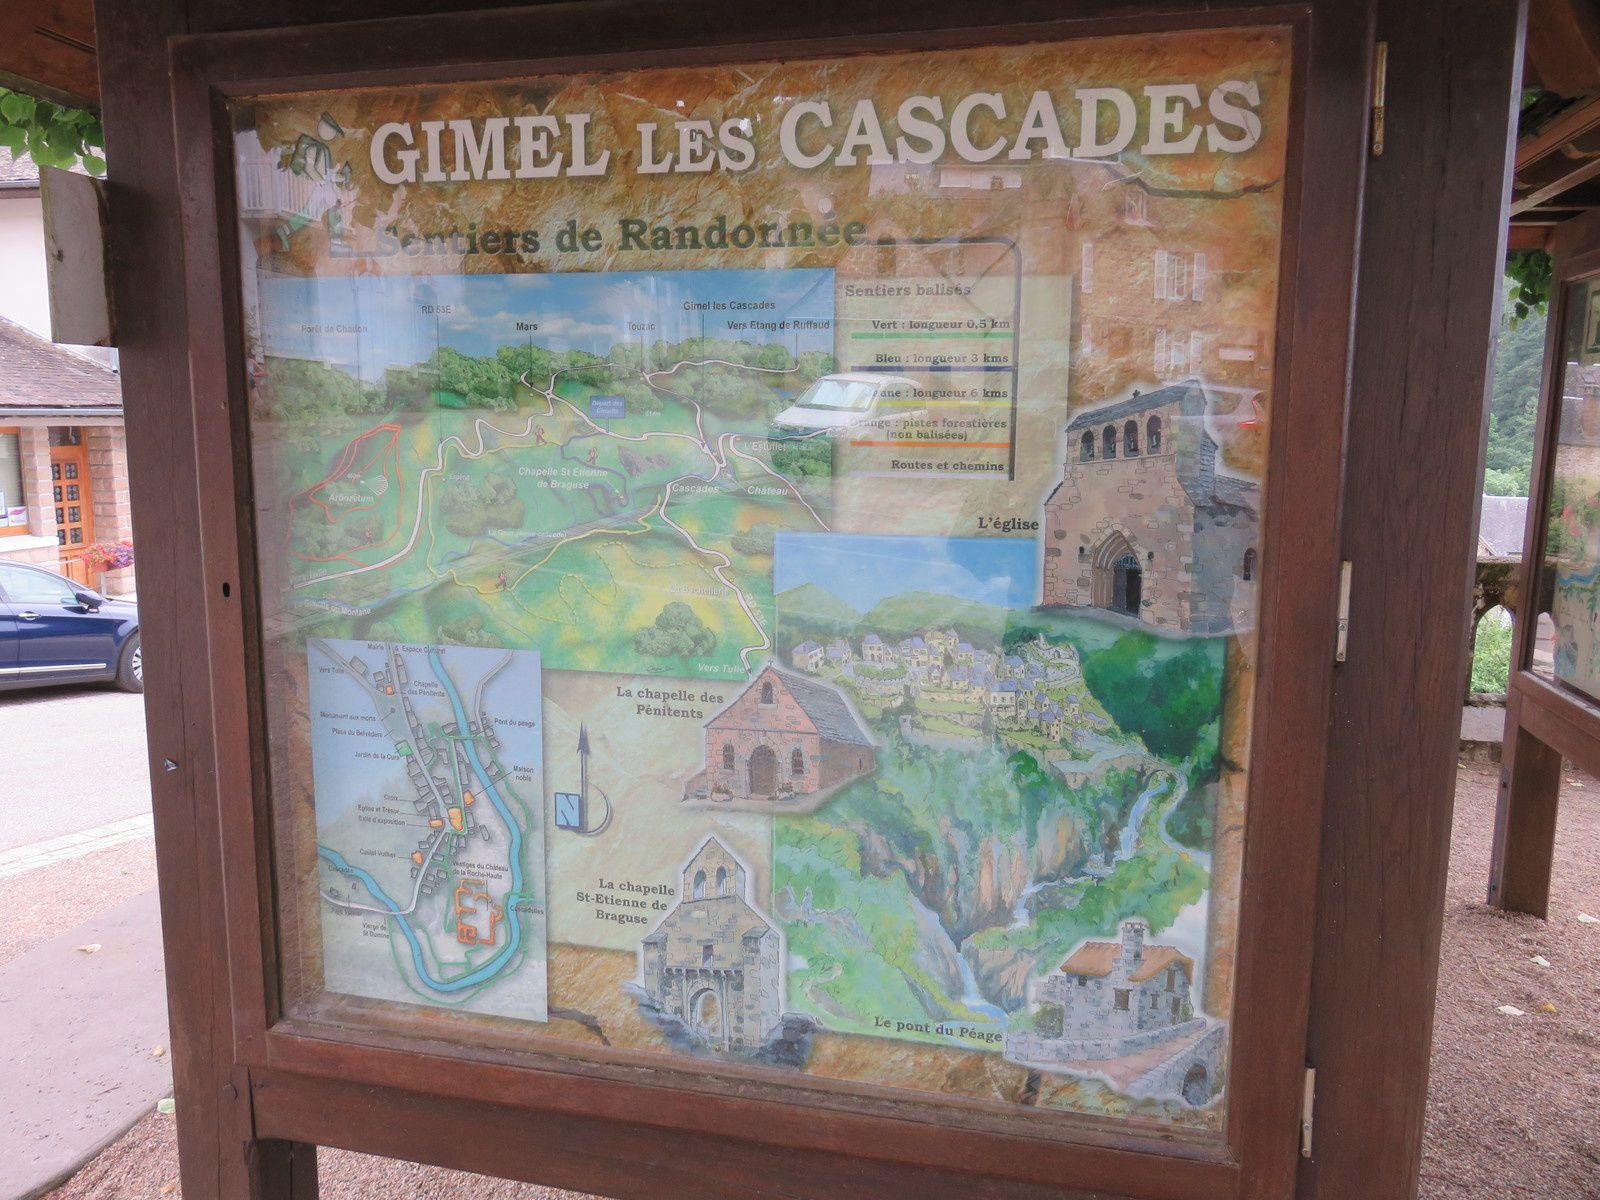 GIMEL LES CASCADES / JOLI VILLAGE DE CORREZE / TOURISME